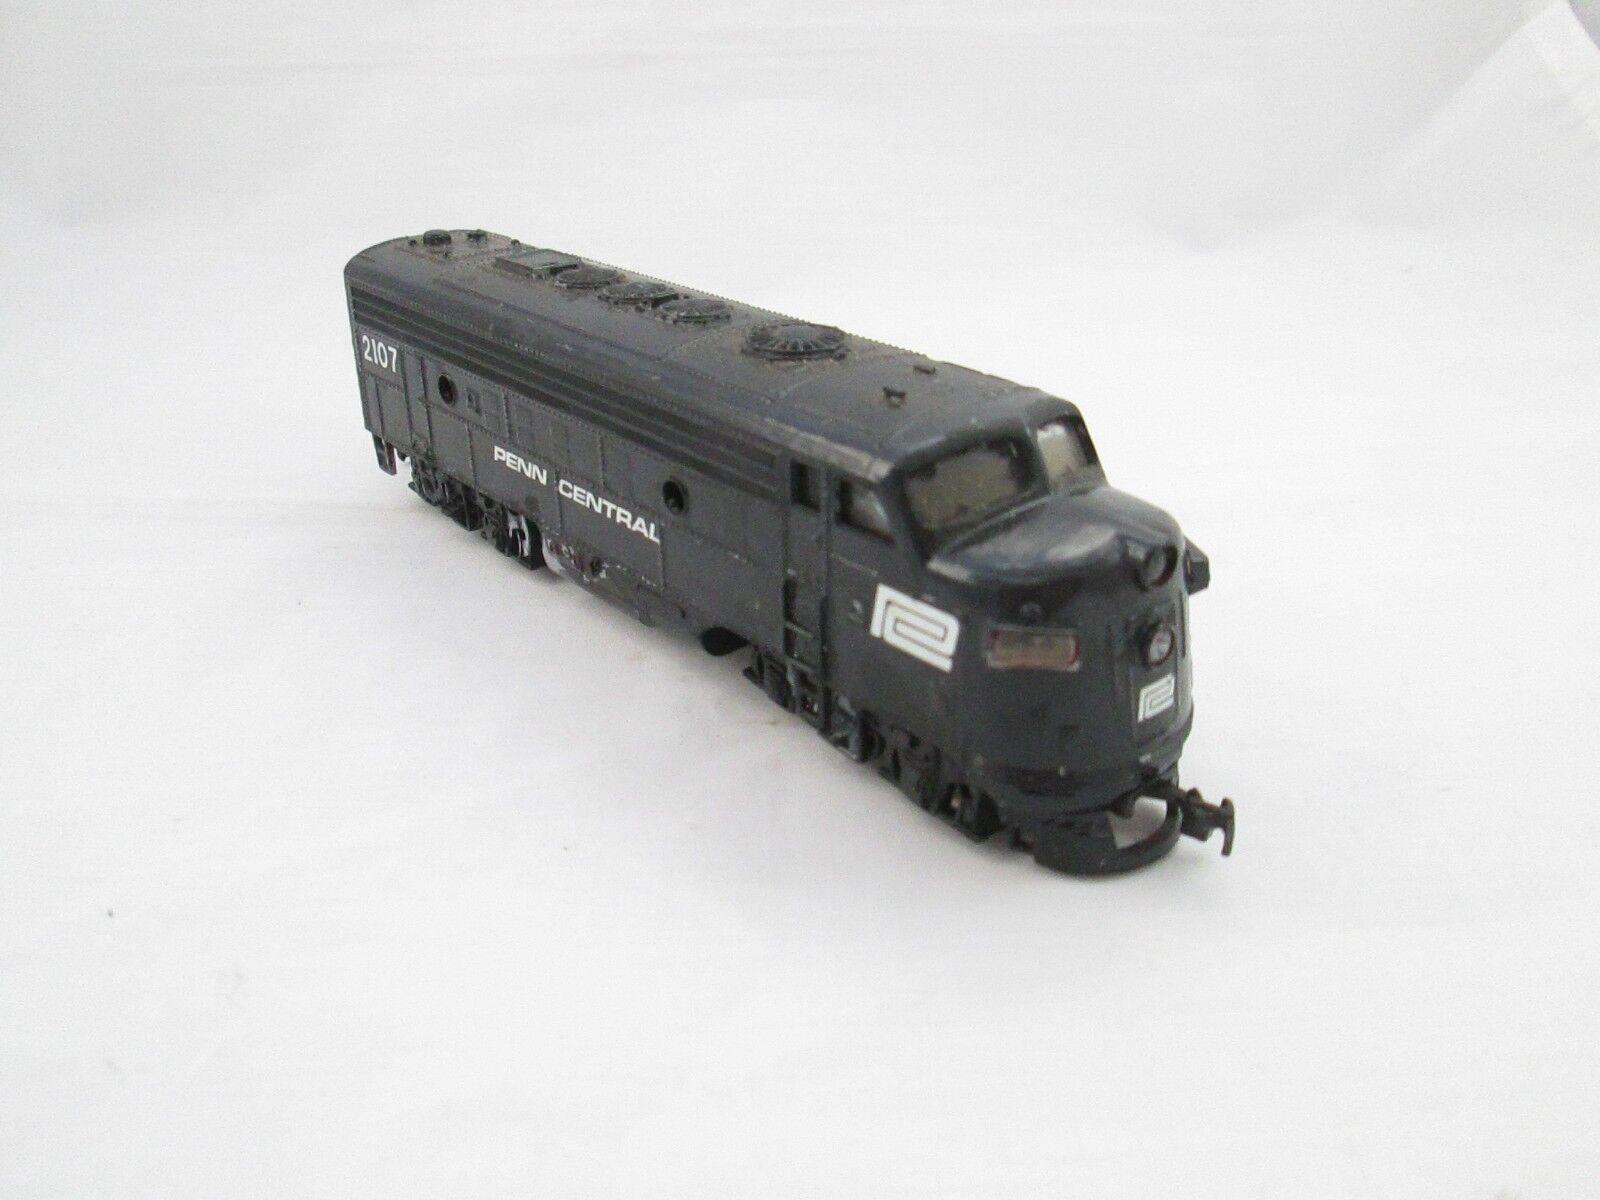 HO Tågpassagerare Loco PEN CENTRAL 2107